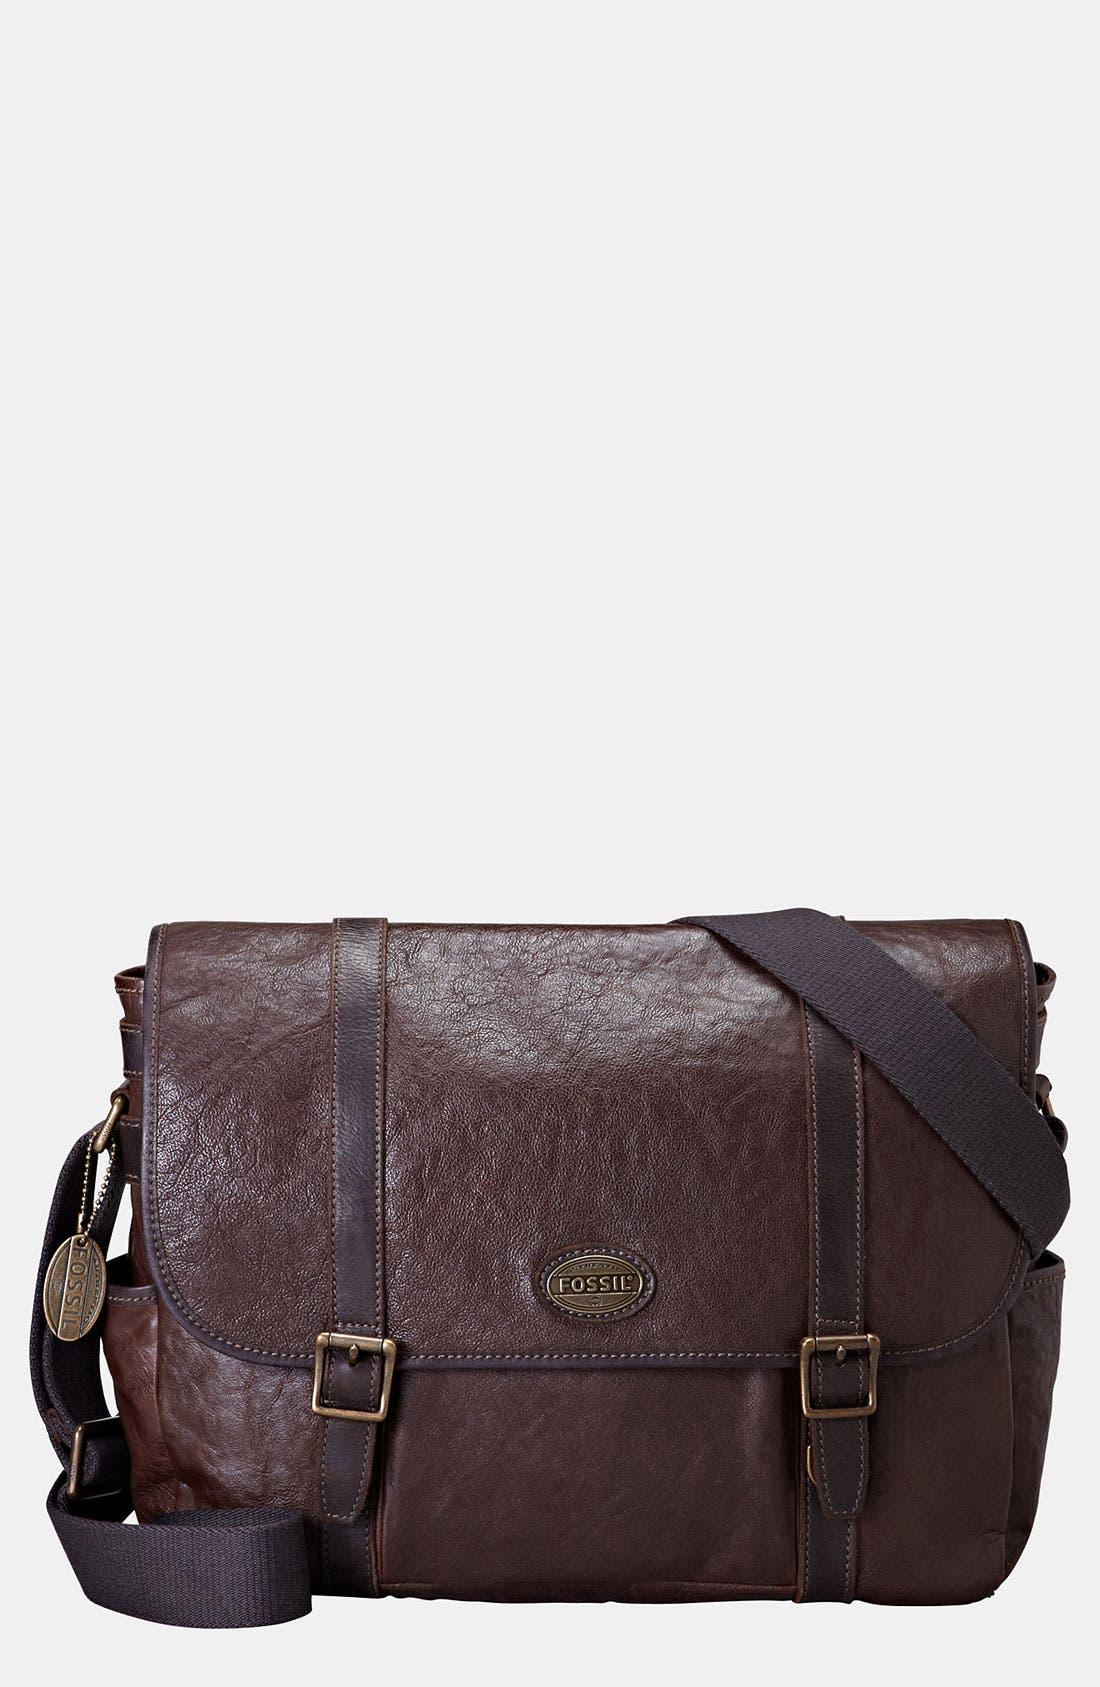 Main Image - Fossil 'Estate' Messenger Bag